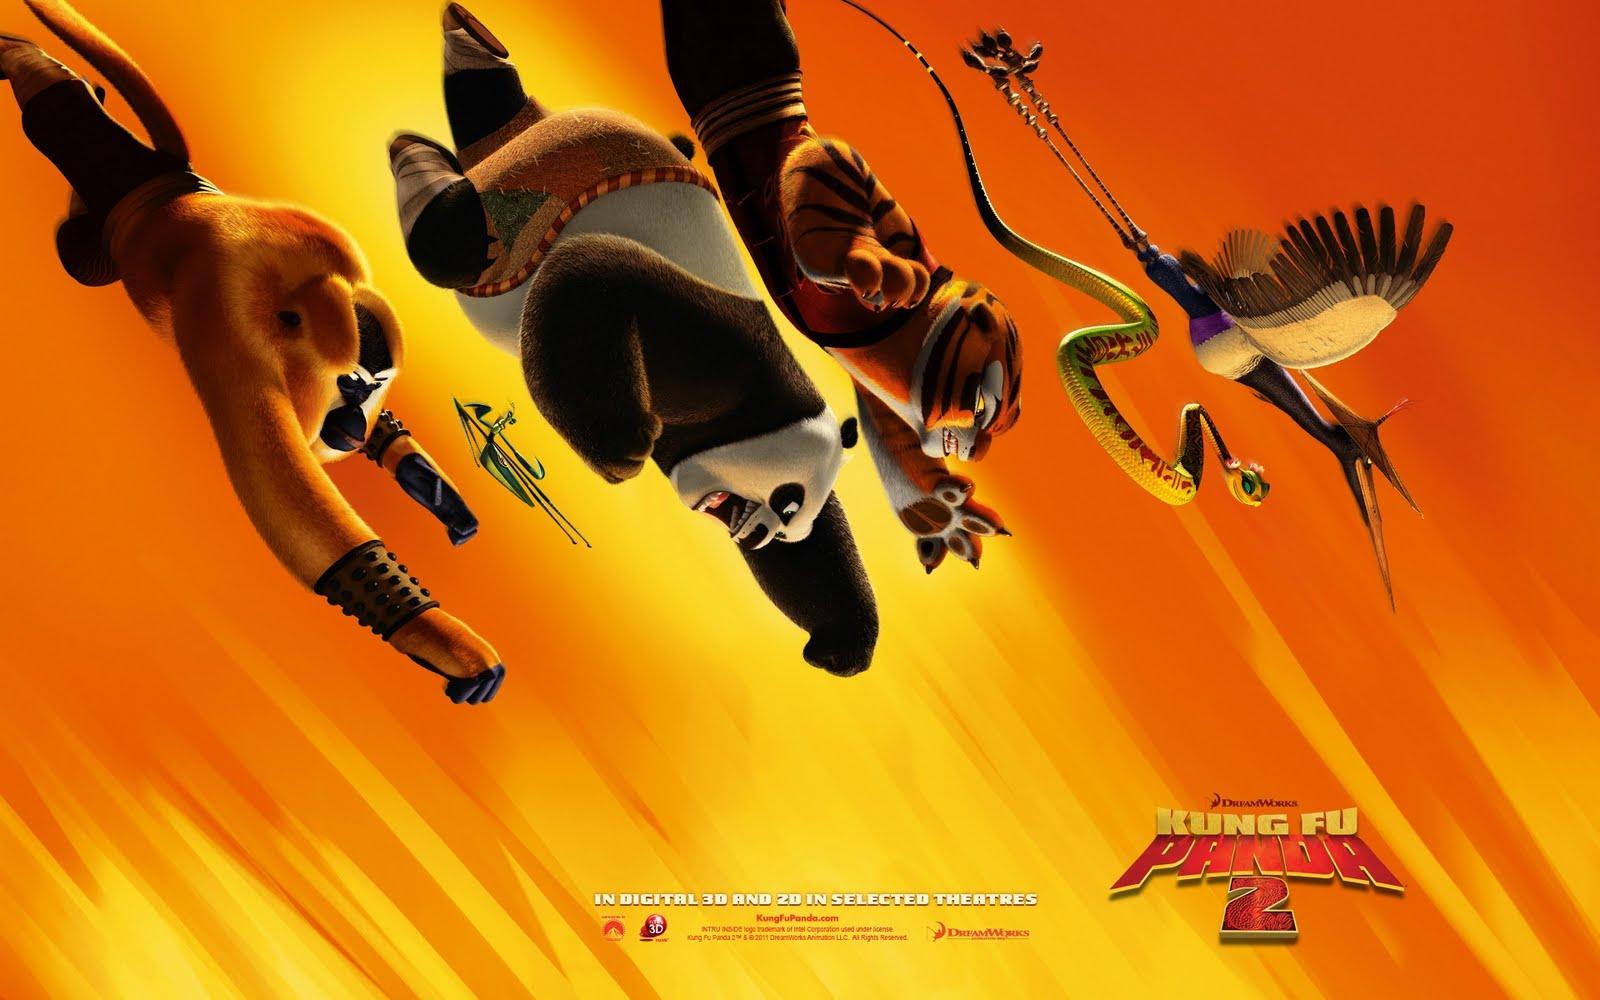 http://4.bp.blogspot.com/-tPFv9D1Tirg/TduqRNxAWZI/AAAAAAAACEY/8k3BRzkyDpg/s1600/Kung+Fu+Panda+2+Wallpaper+15.jpg